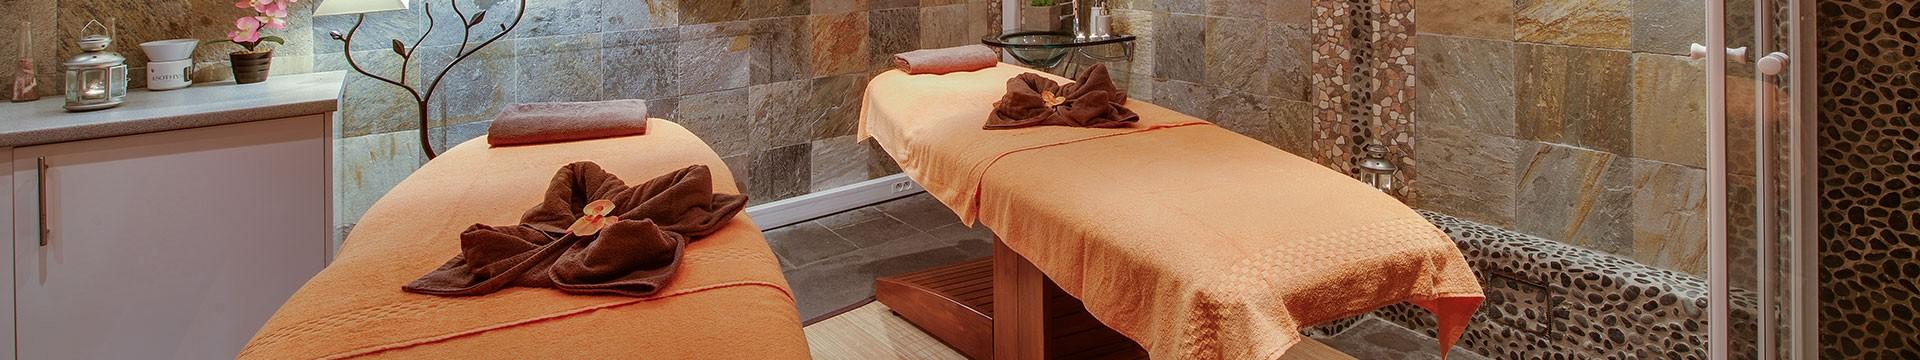 massage-01-8954